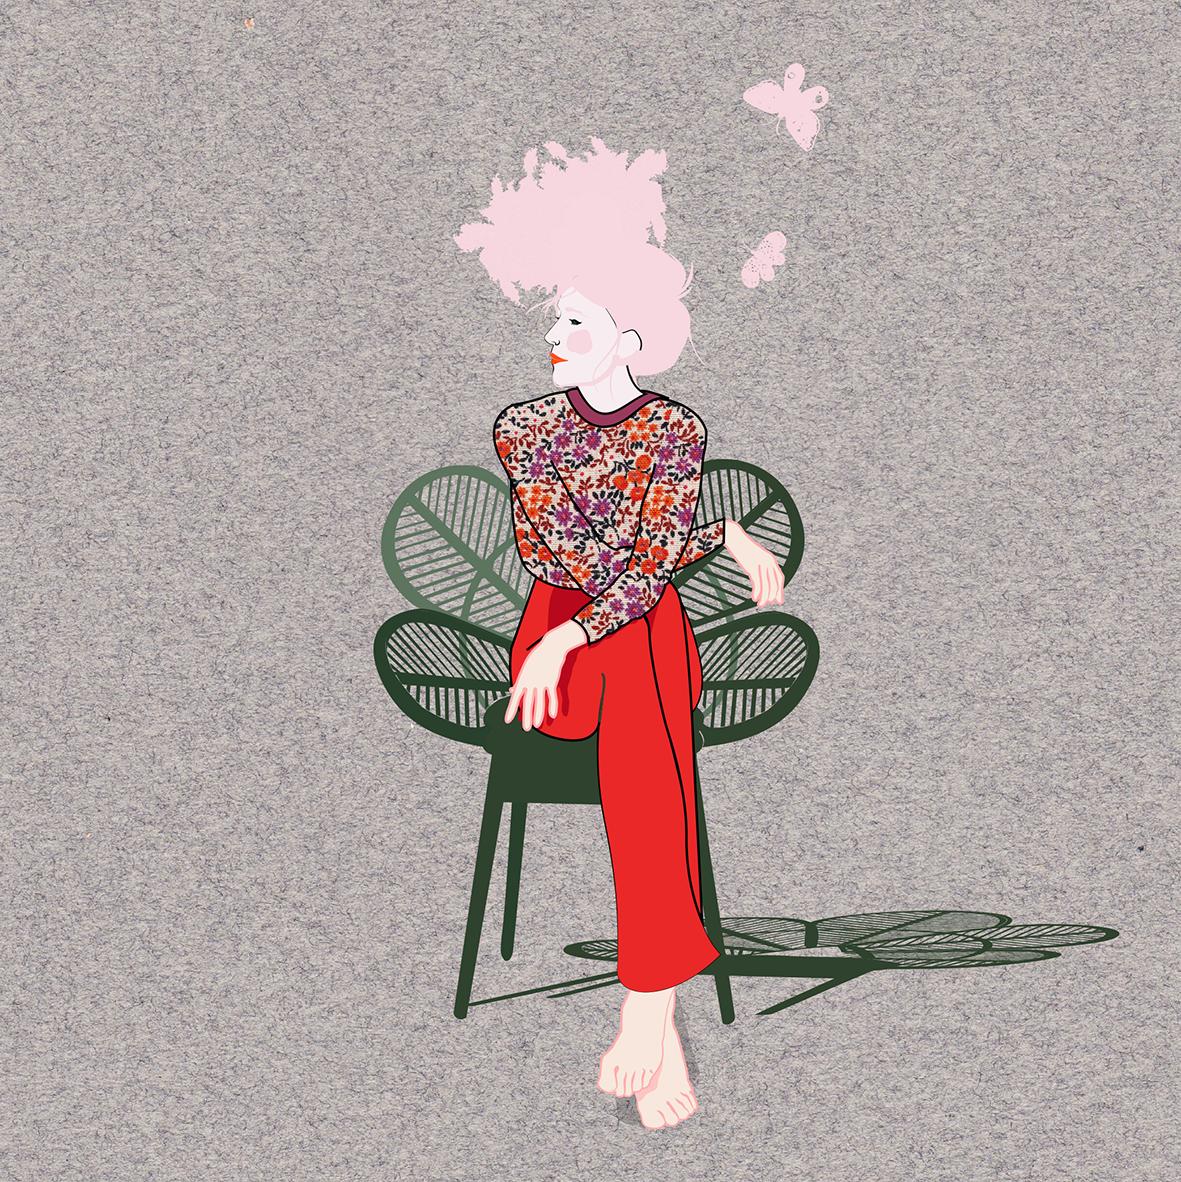 stoel-met-vlinders-8.jpg